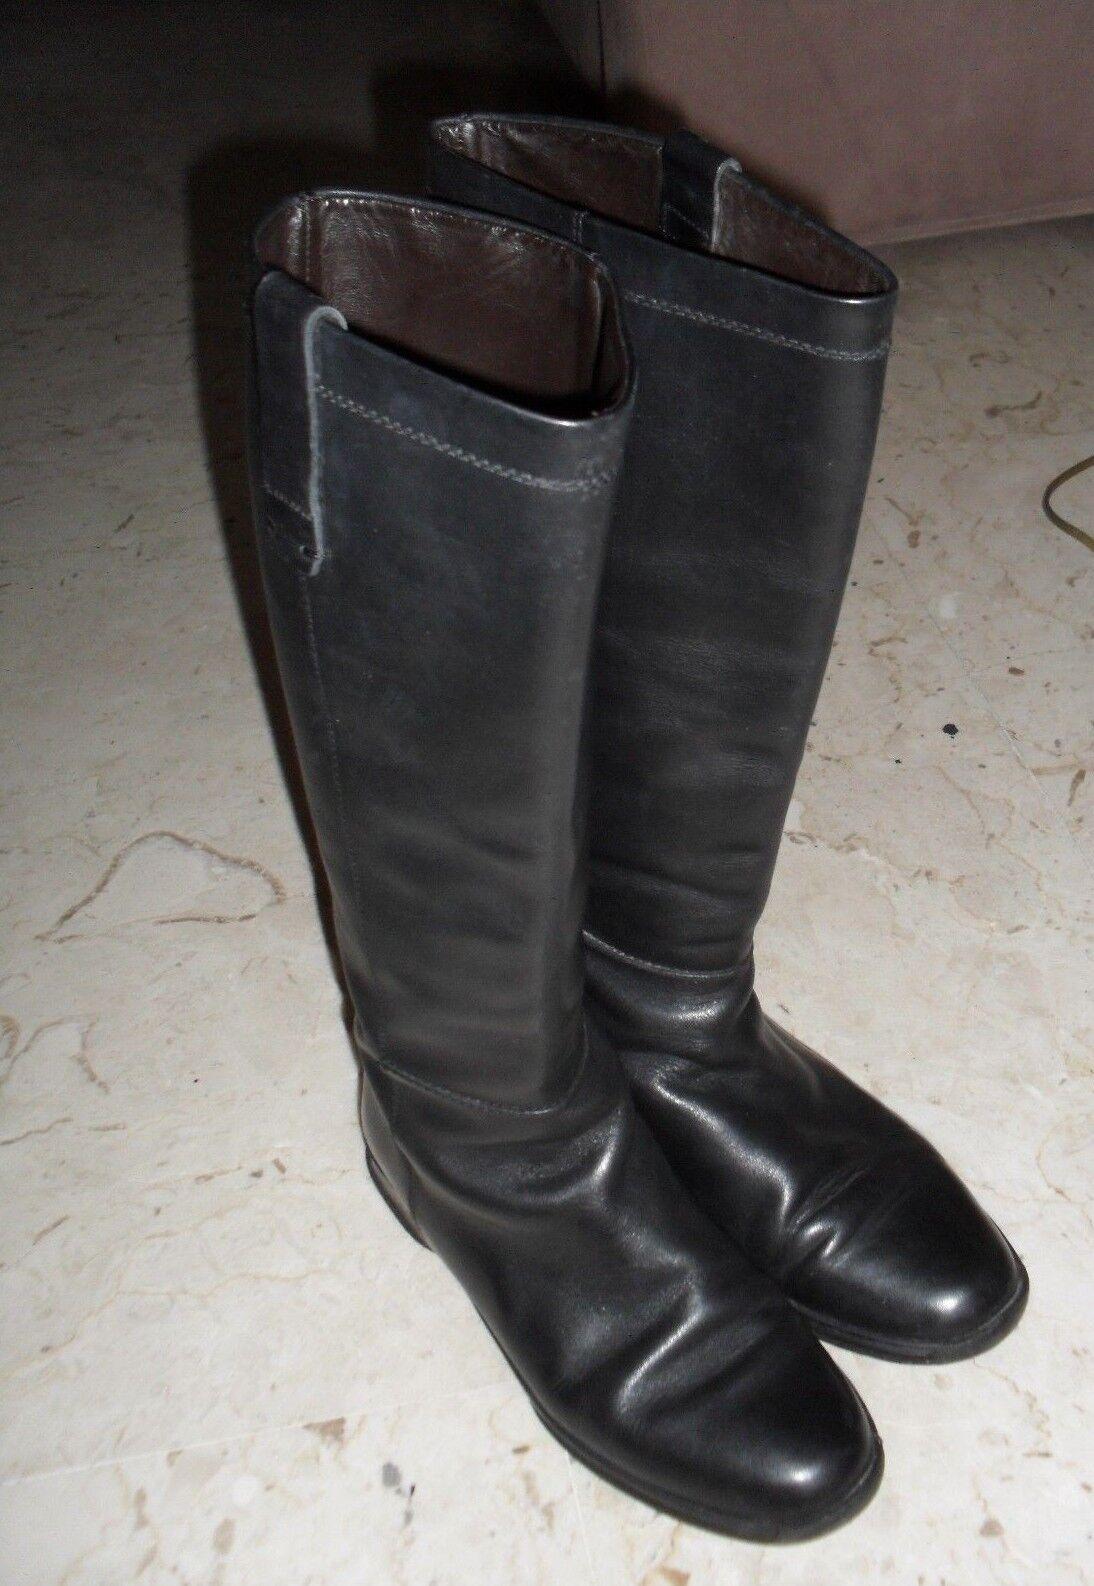 stivali hogan in vera pelle originale n. 36 prezz. affare